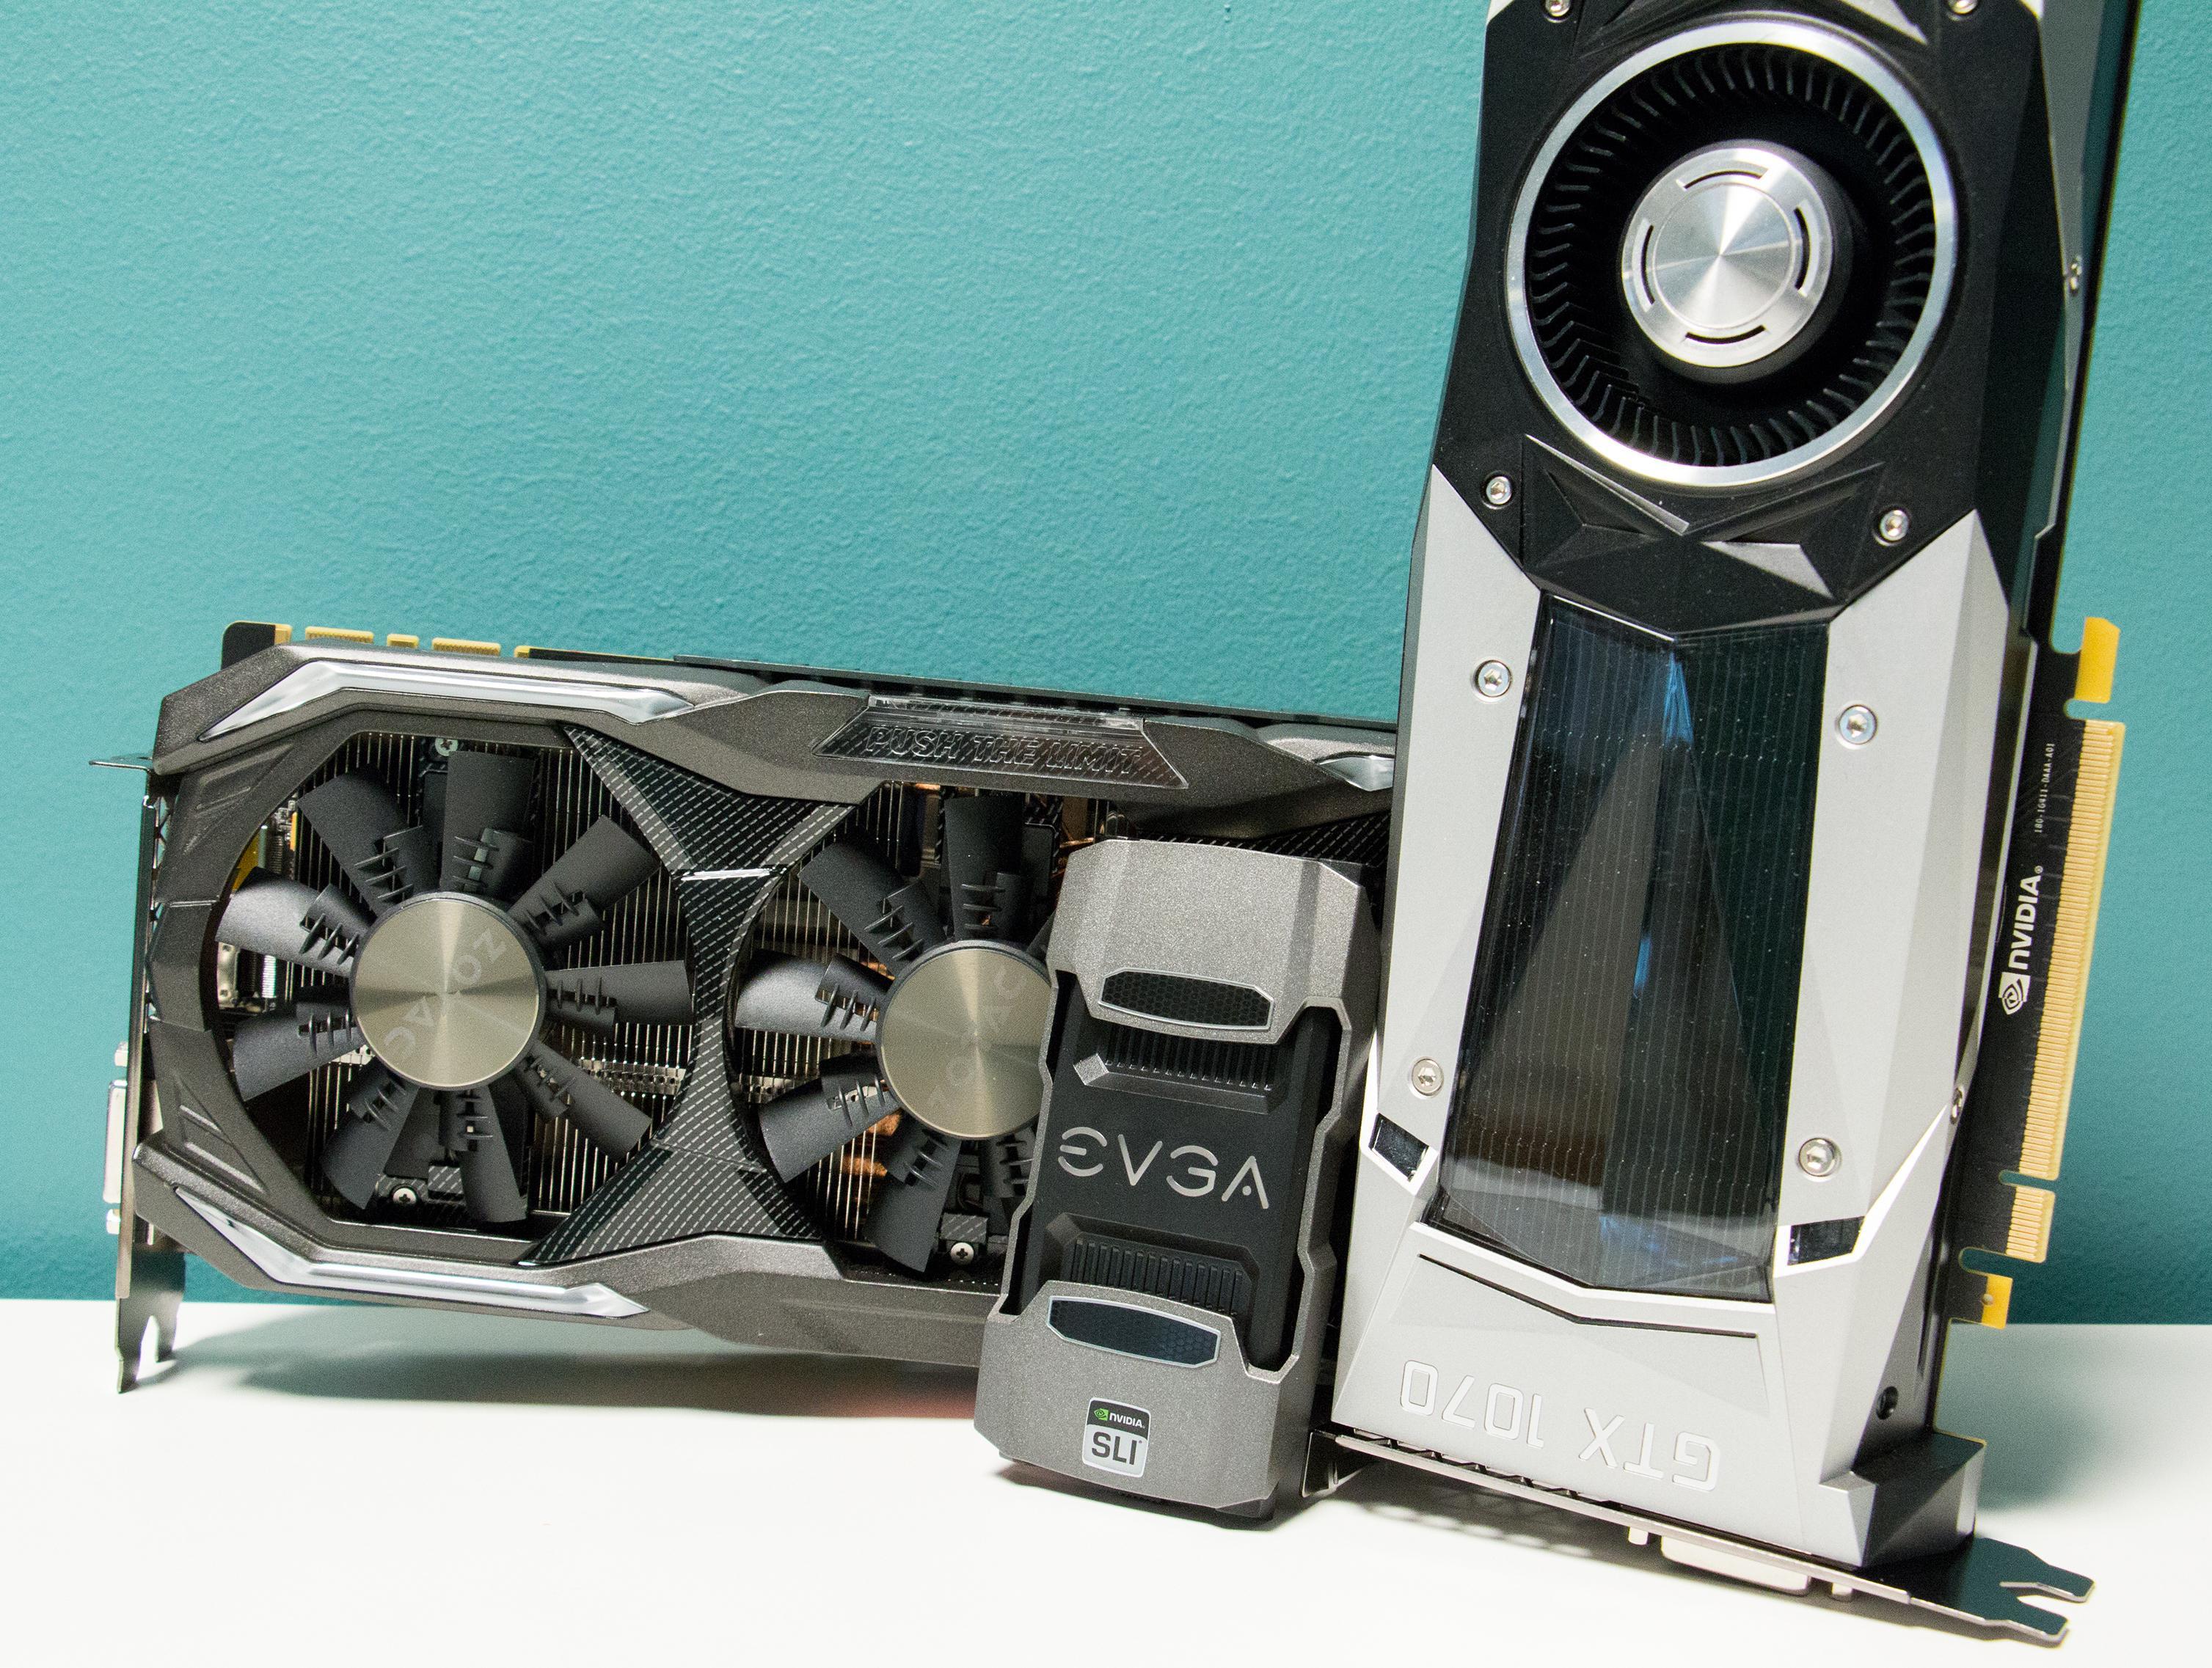 GTX 1070 i SLI er et godt valg for deg som allerede har et GTX 1070-kort stående i maskinen, og som vil ha GTX 1080 TI-ytelse «til halv pris».